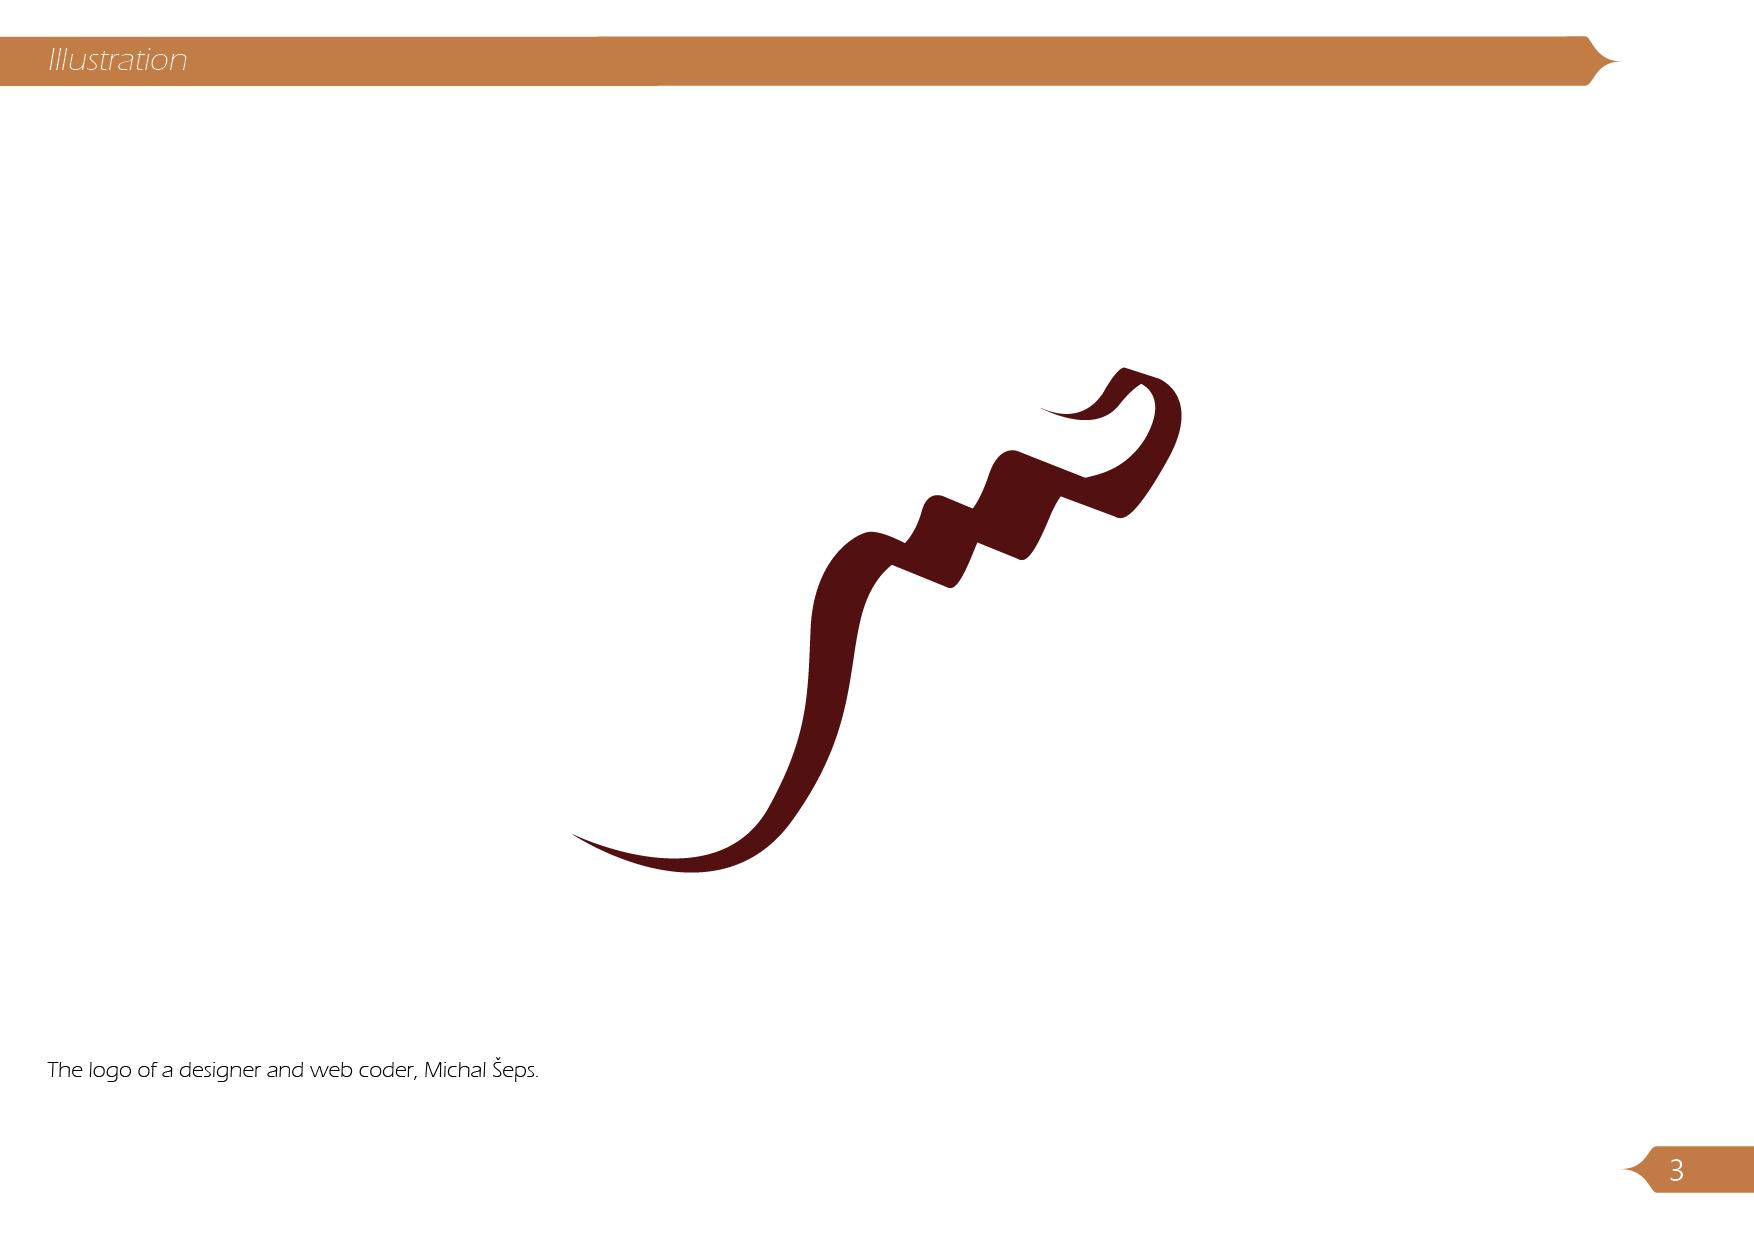 michal_seps_logo